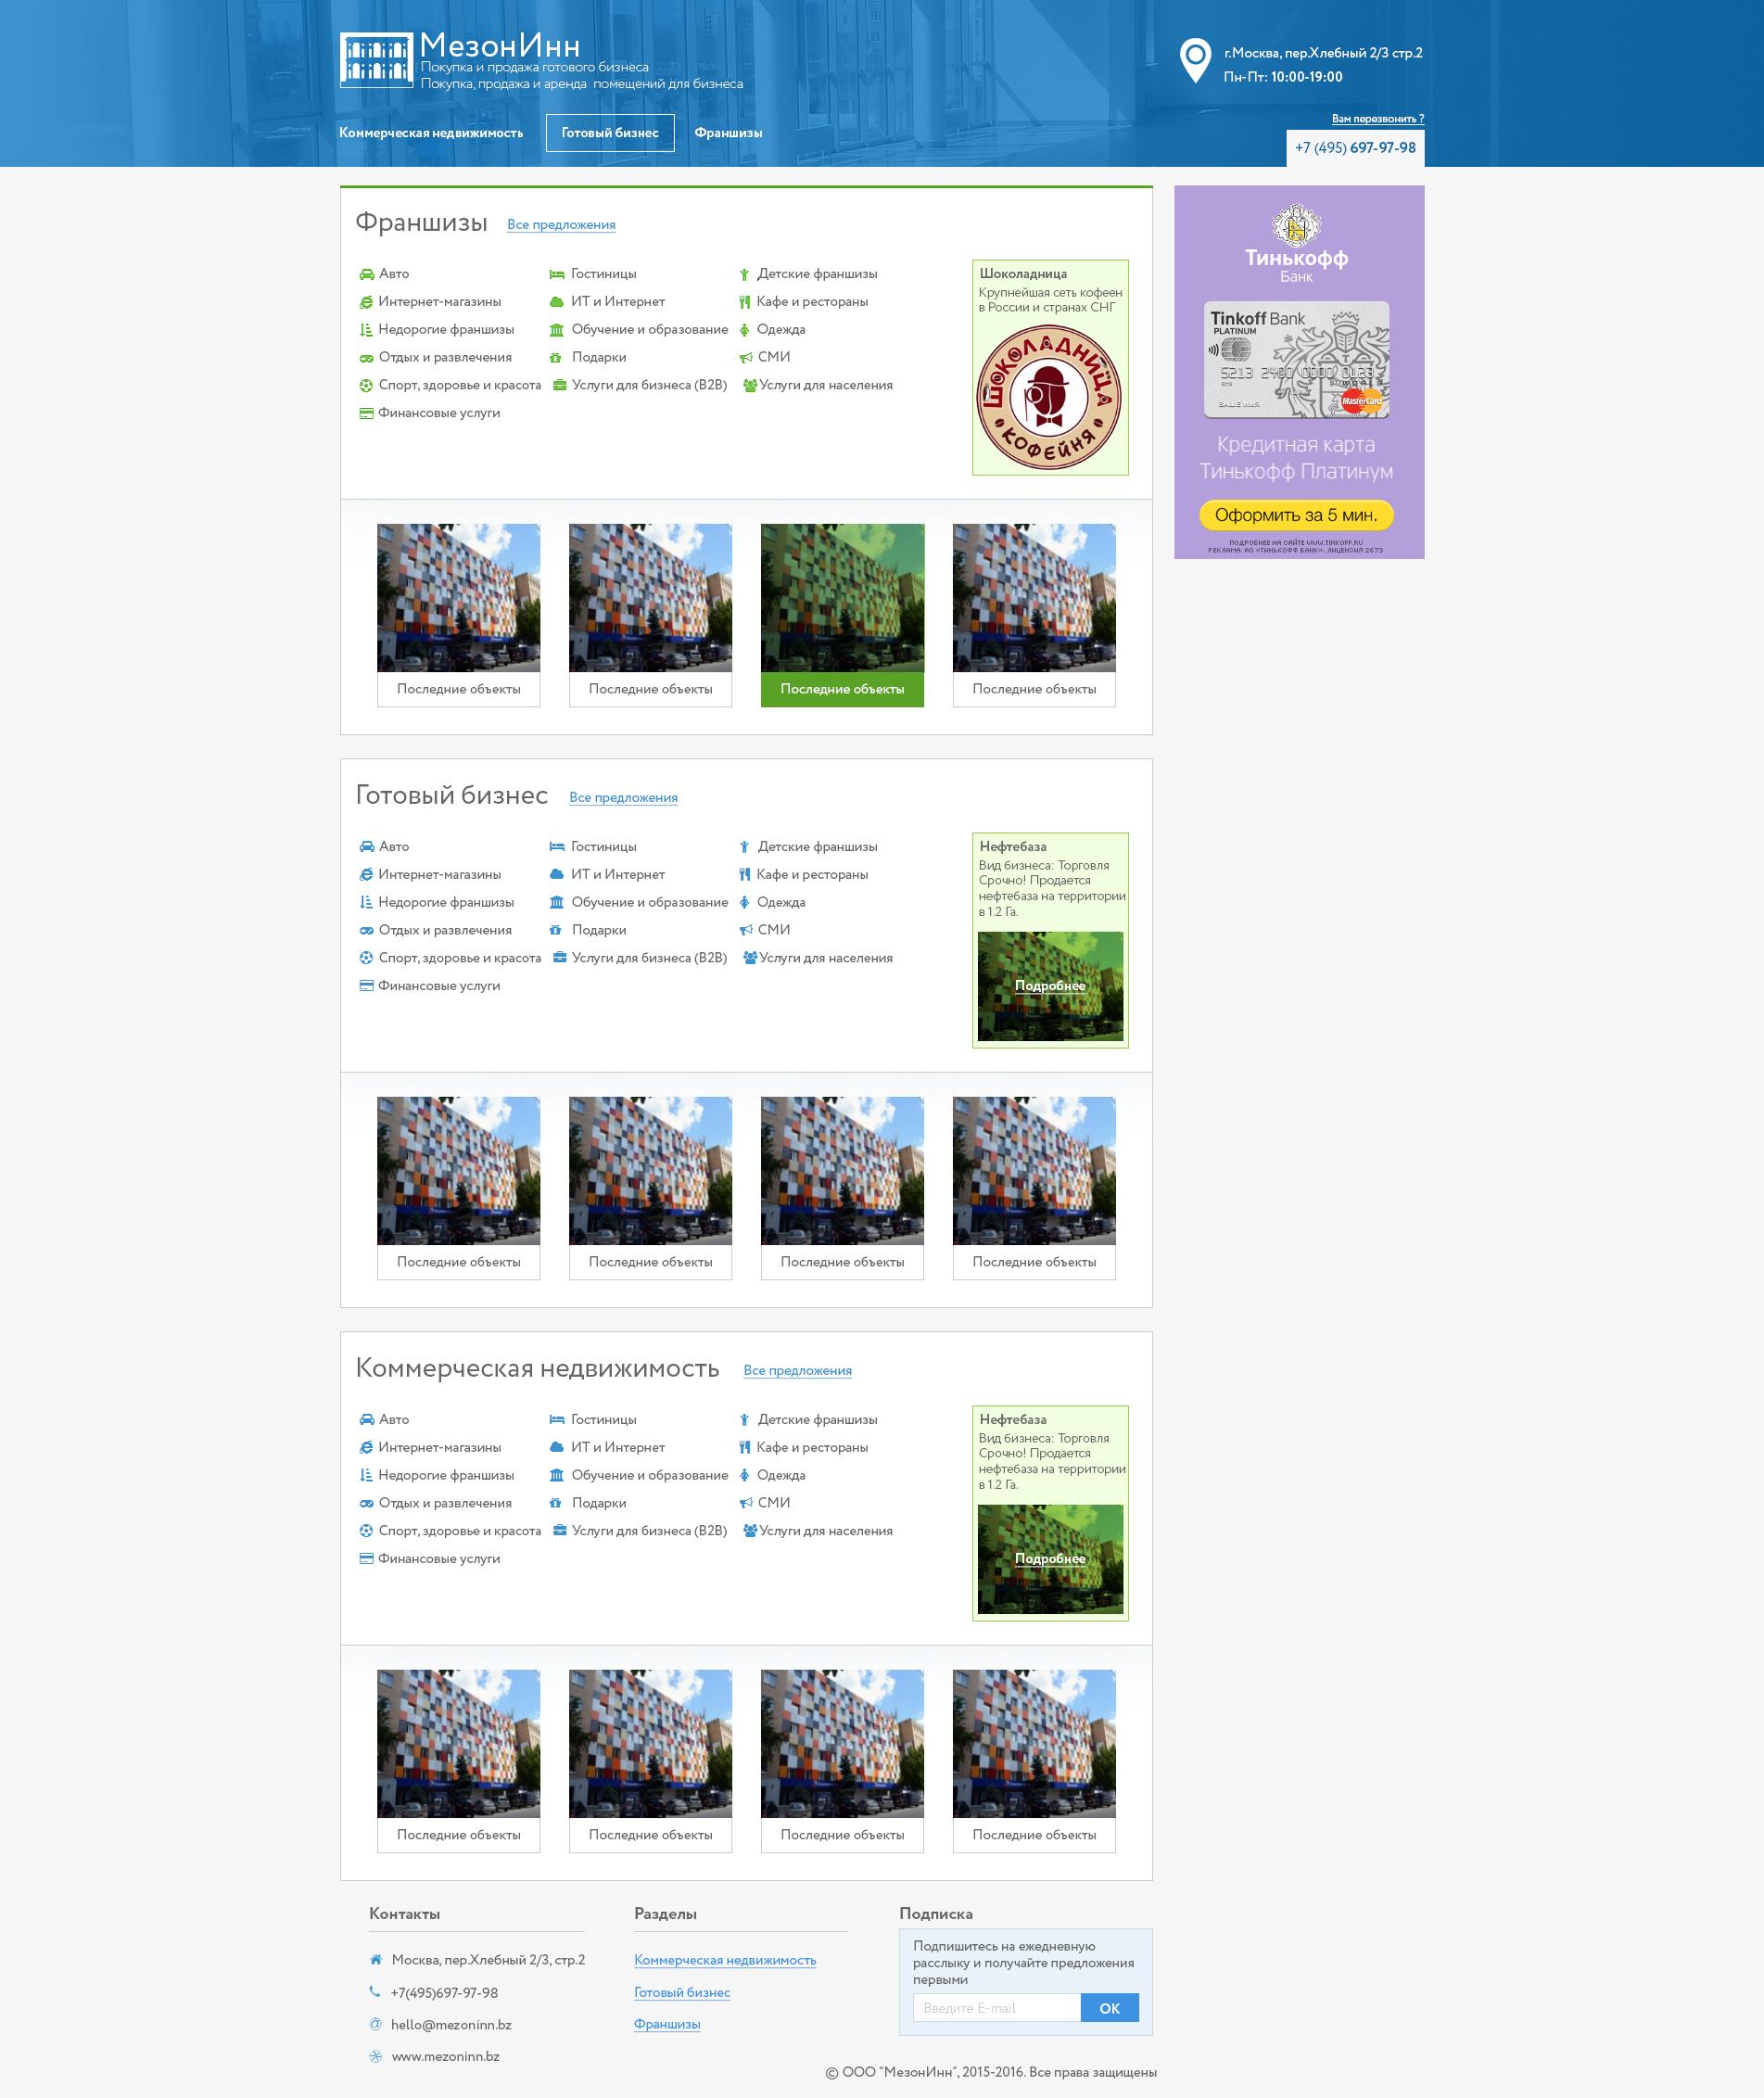 Доработать дизайн главной страницы сайта фото f_246574db48a62e9e.jpg